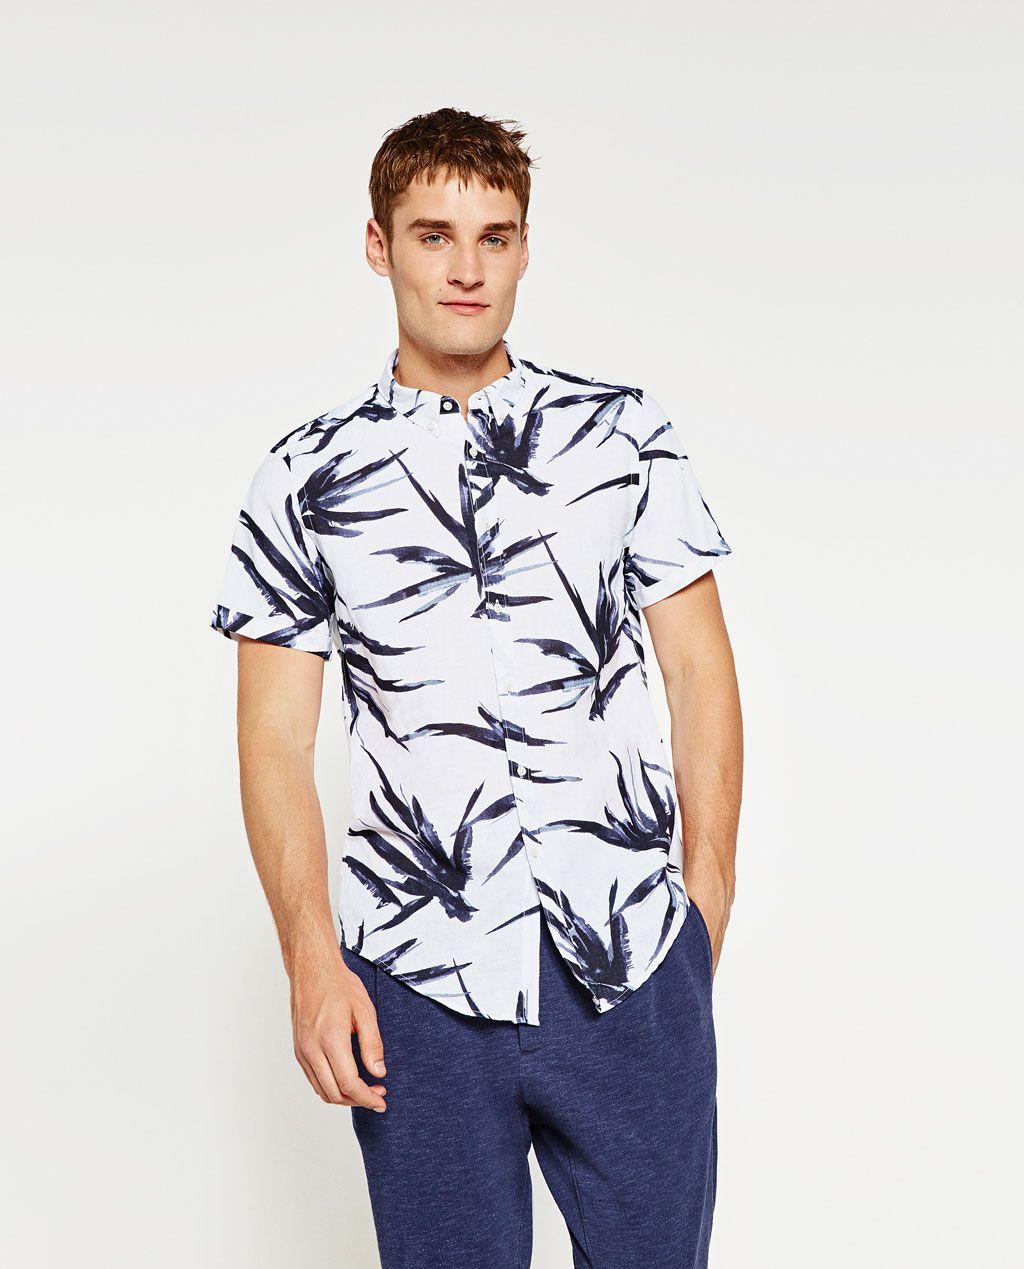 Moda para hombre camisas para hombre de lujo con estilo